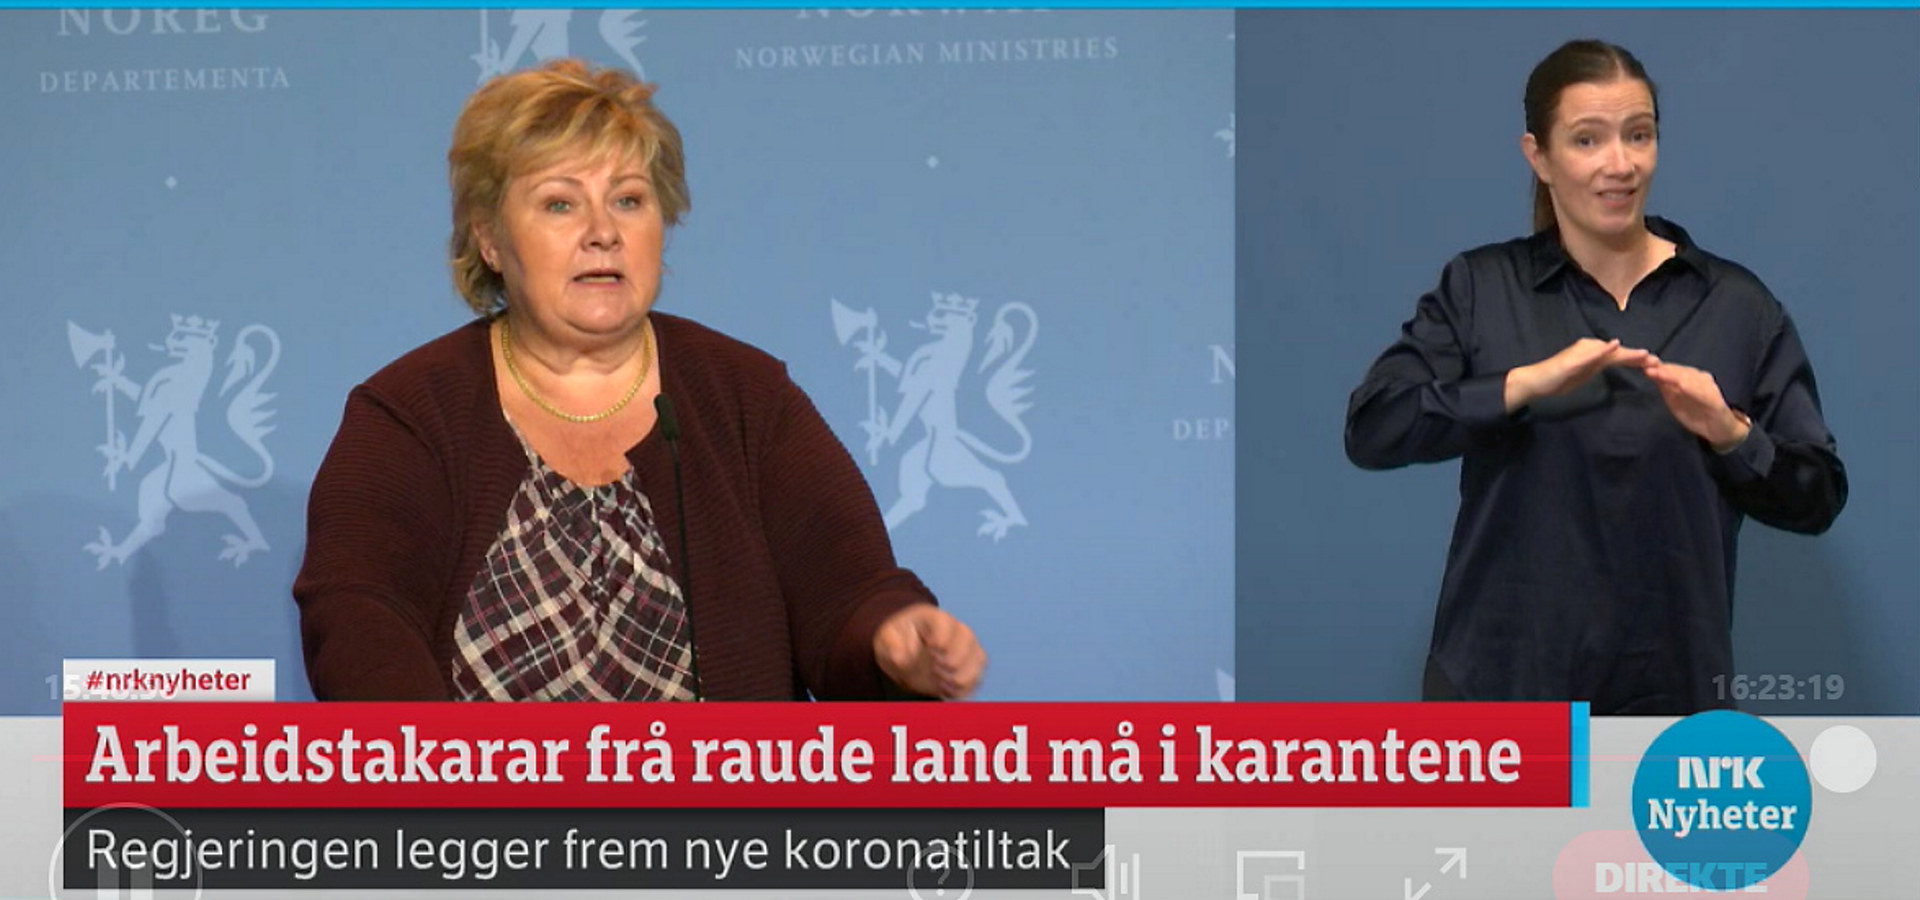 Fra regjeringens pressekonferanse 26. oktober 2020. Skjermdump fra nrk.no